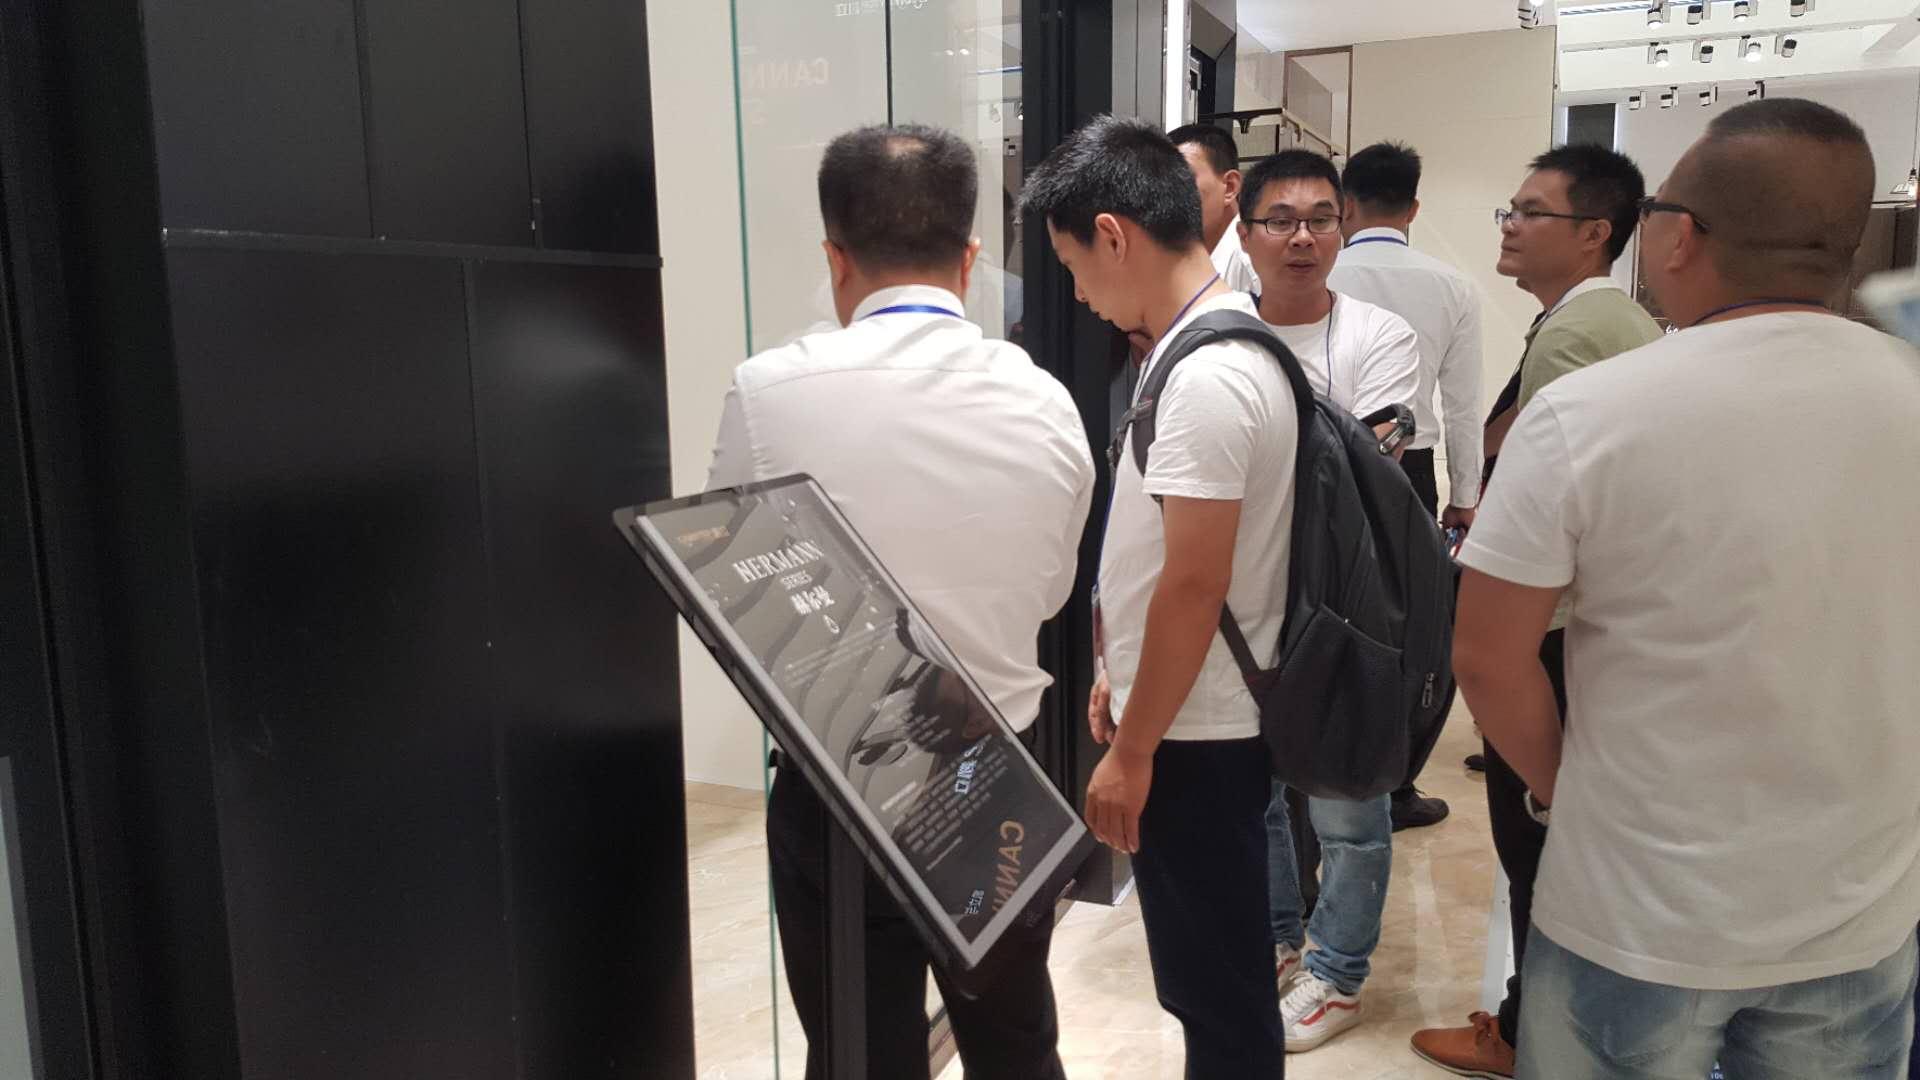 2018上海国际厨卫展热情不减 凯立展馆现场人潮络绎不绝